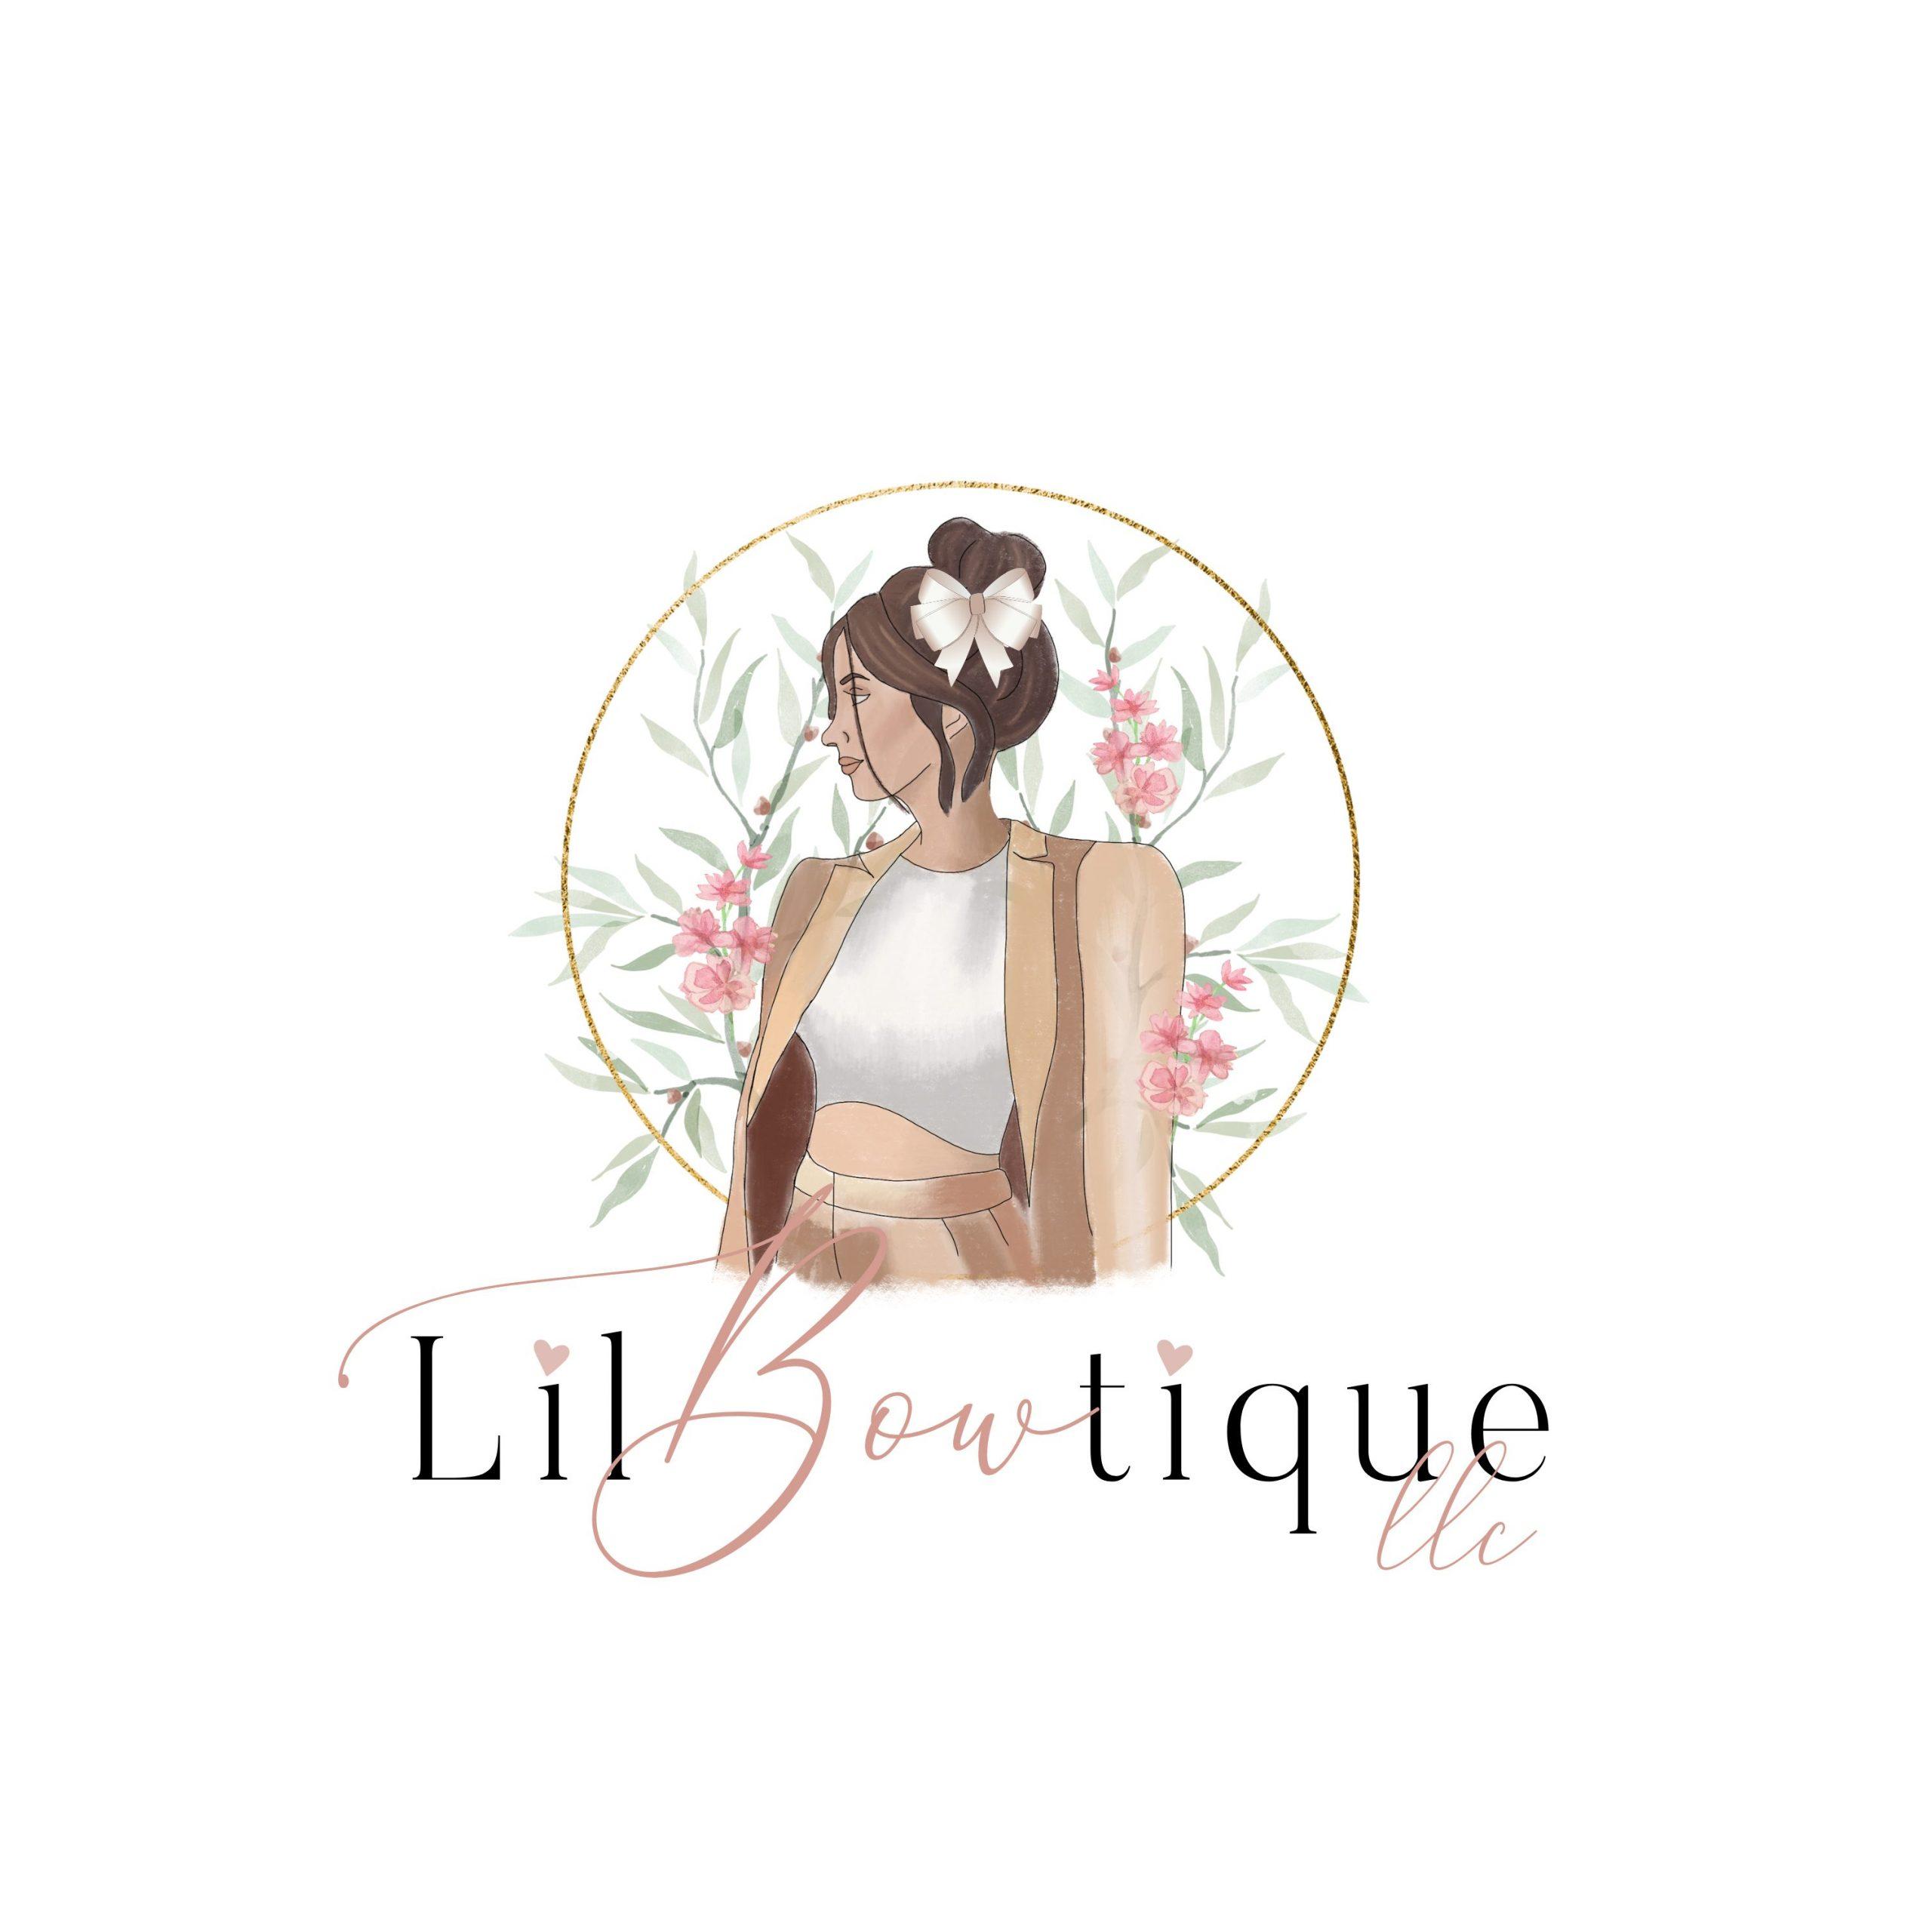 lilbowtique.shop